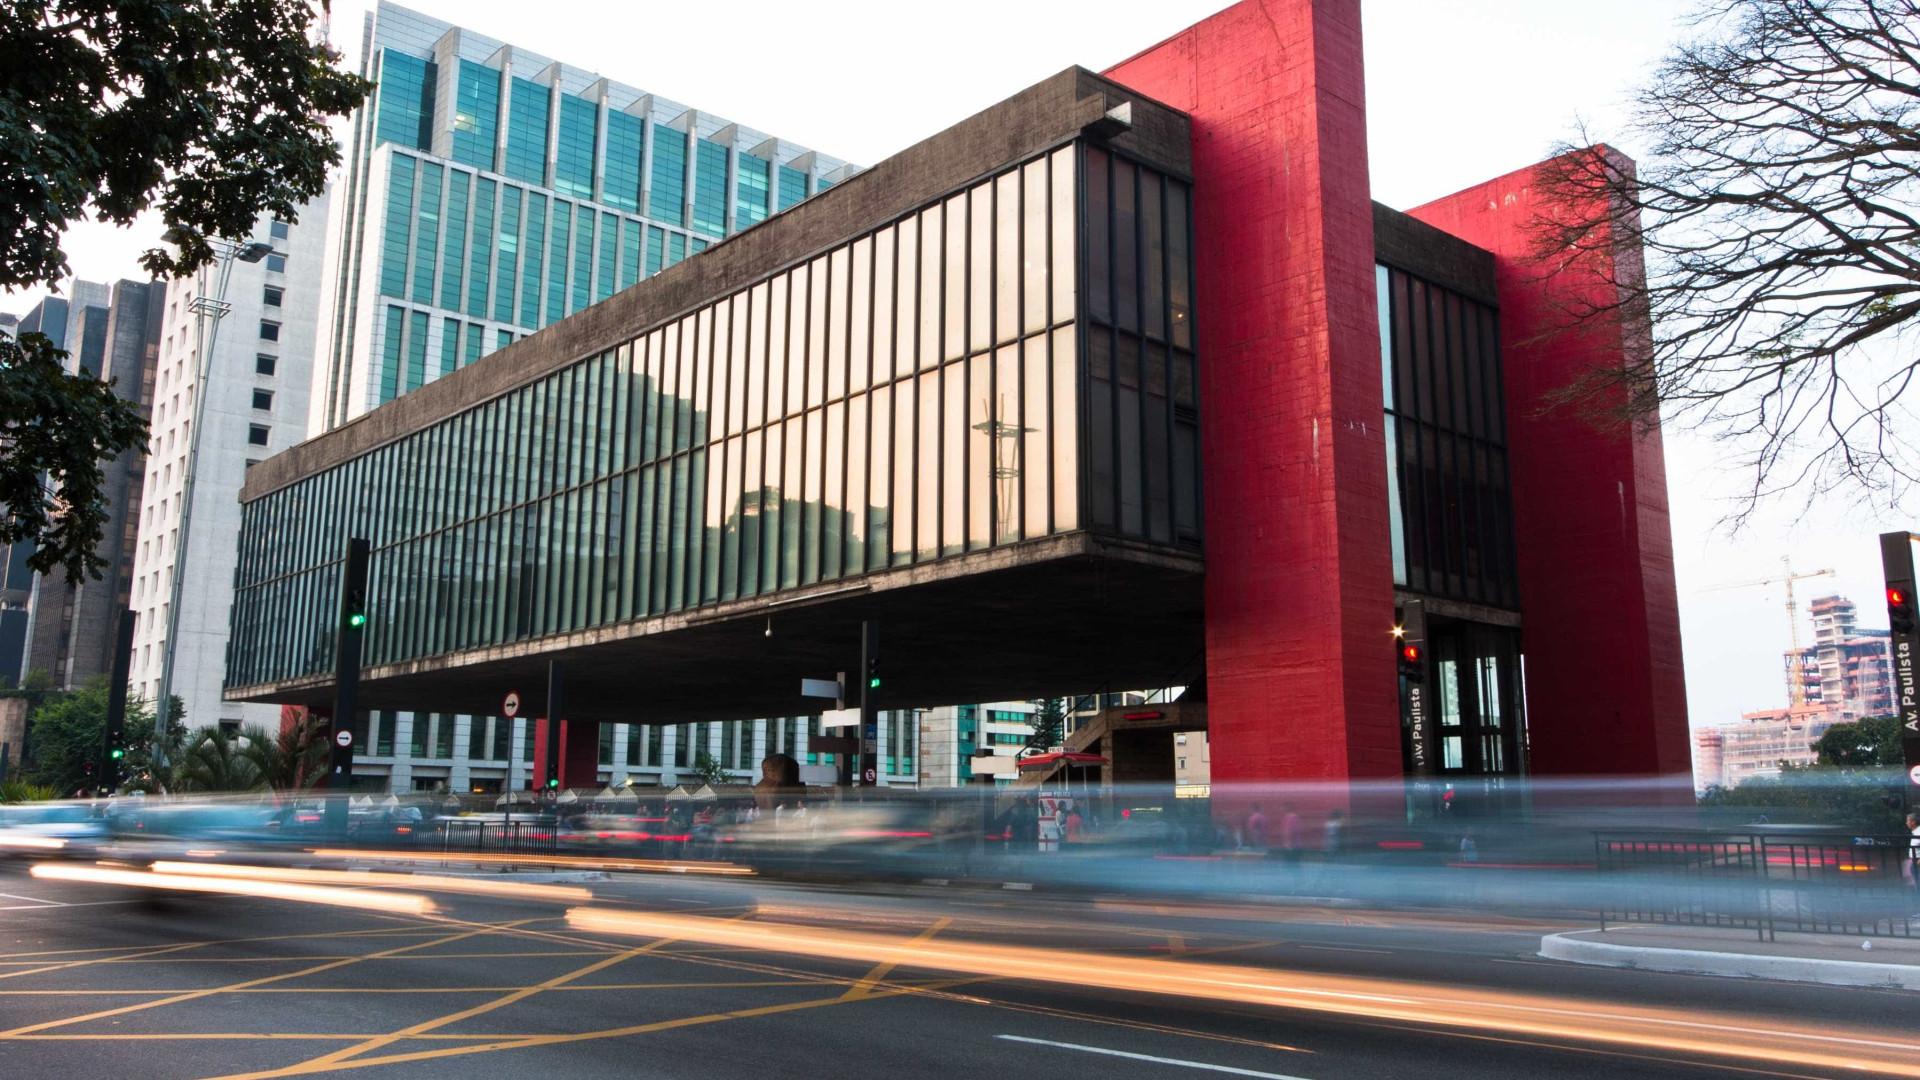 Projetado por Lina Bo Bardi, prédio do Masp completa 50 anos